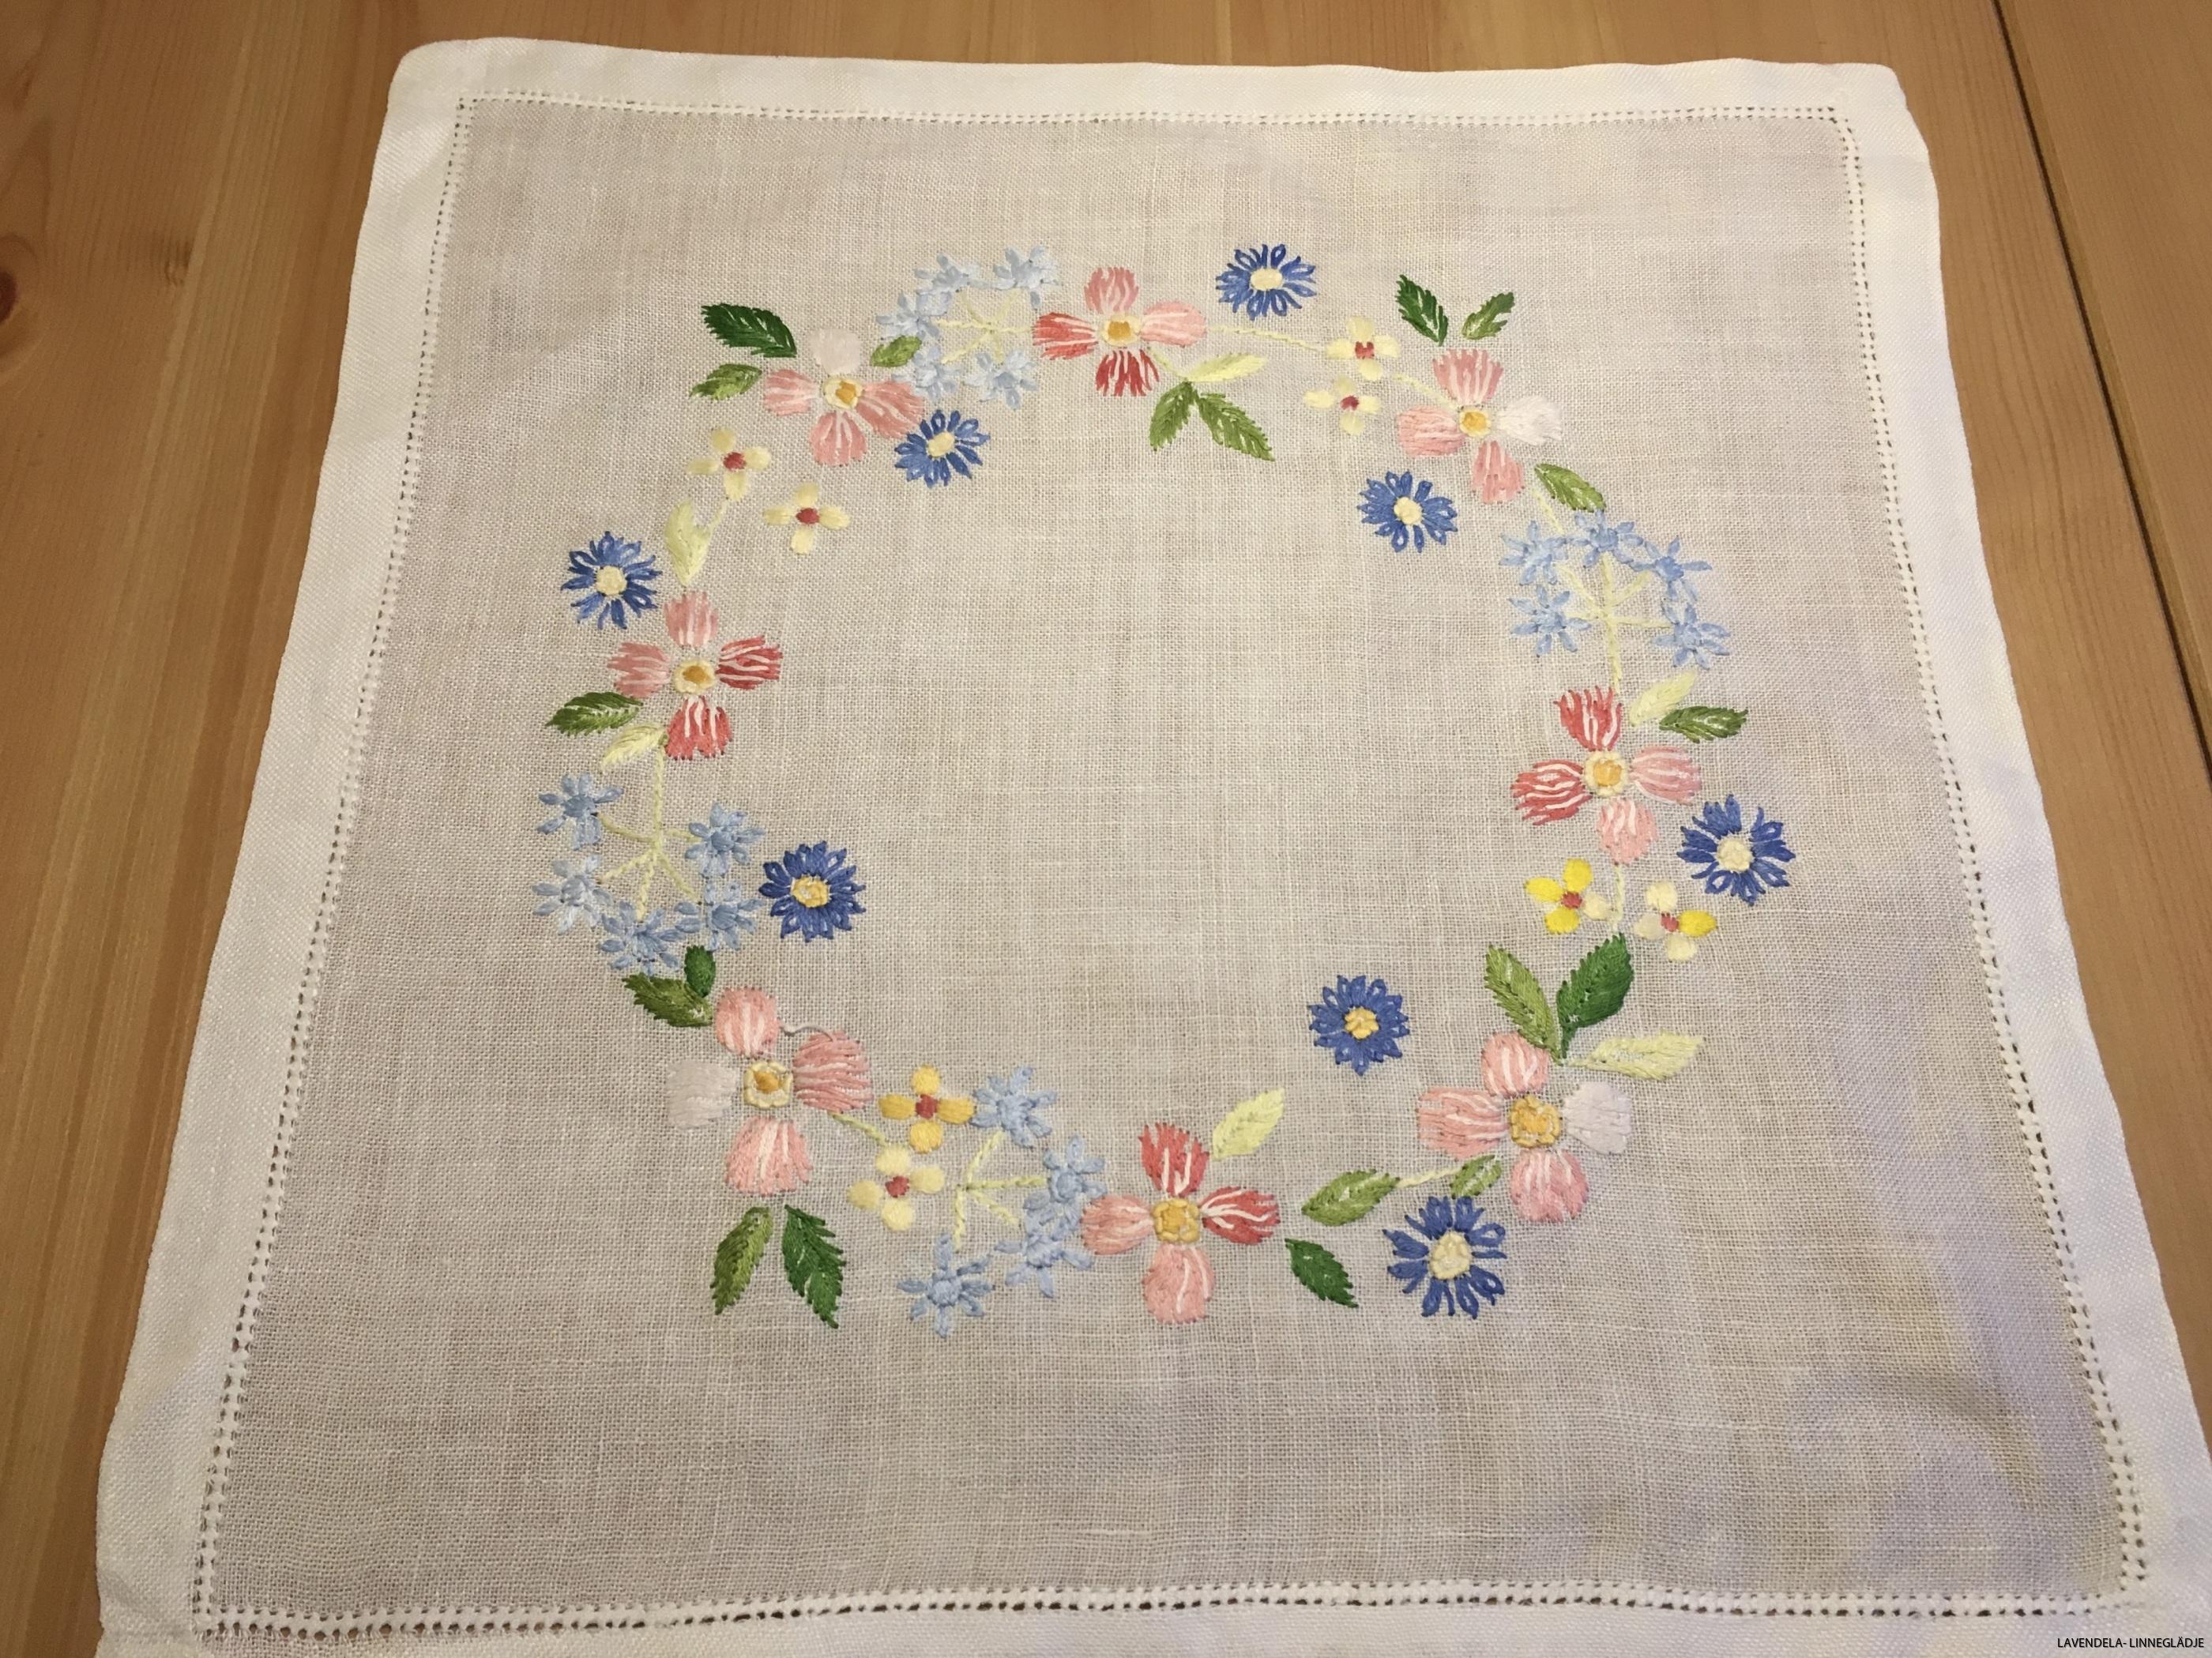 Blommor i krans, 35 x 34 cm